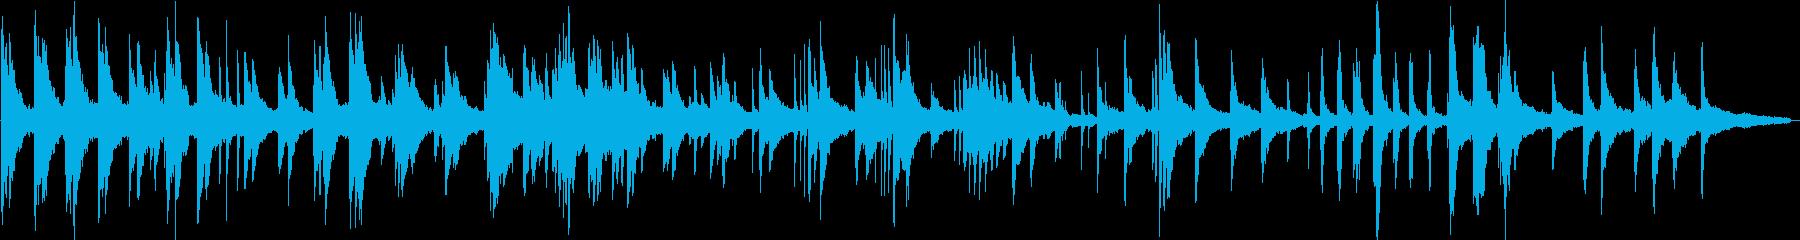 ヒーリングピアノ組曲 ただよう 10の再生済みの波形